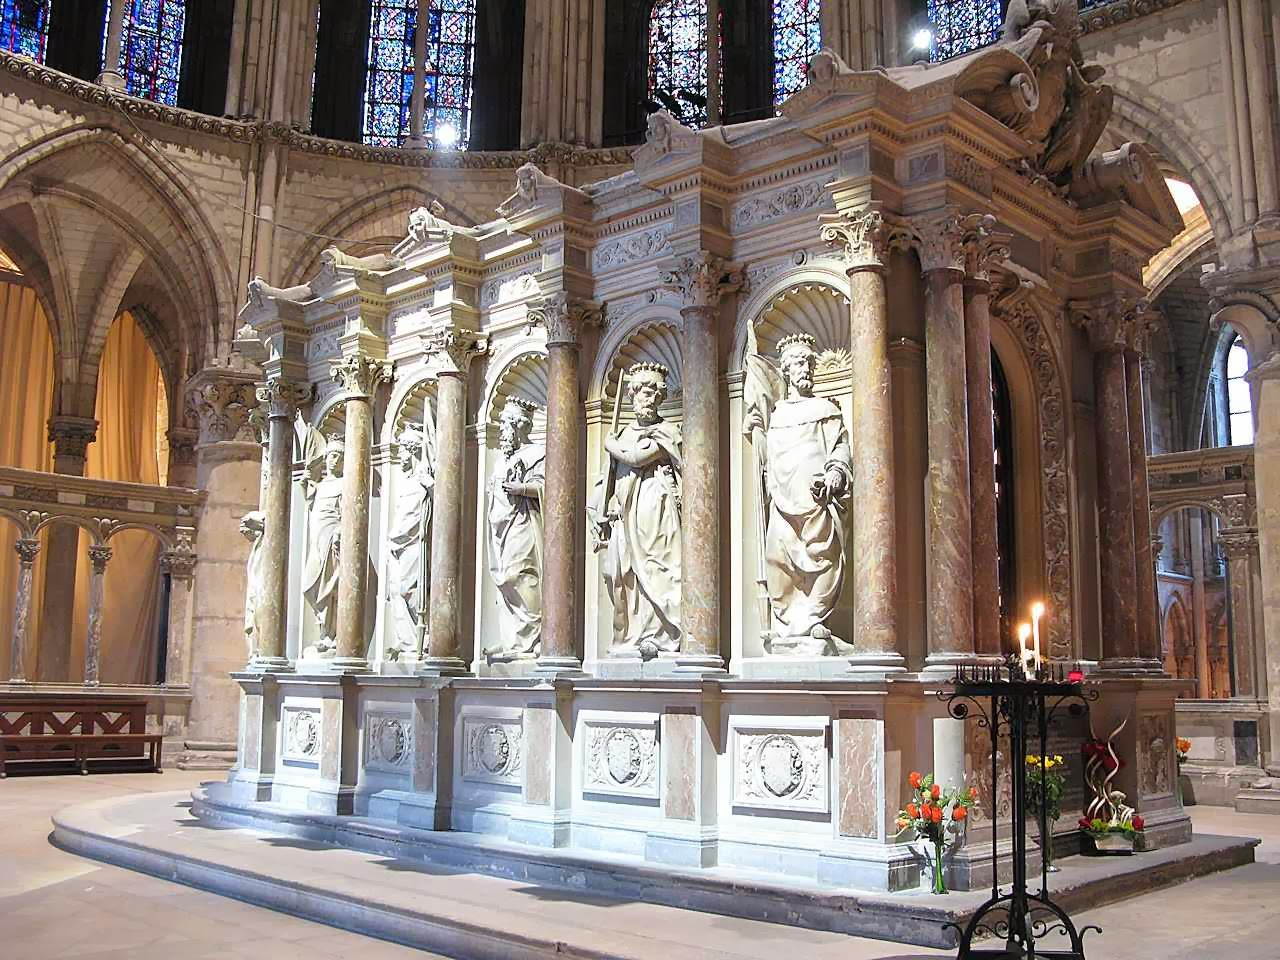 Estatuas de los Pares da Francia alrededor de la tumba de San Remigio, Reims